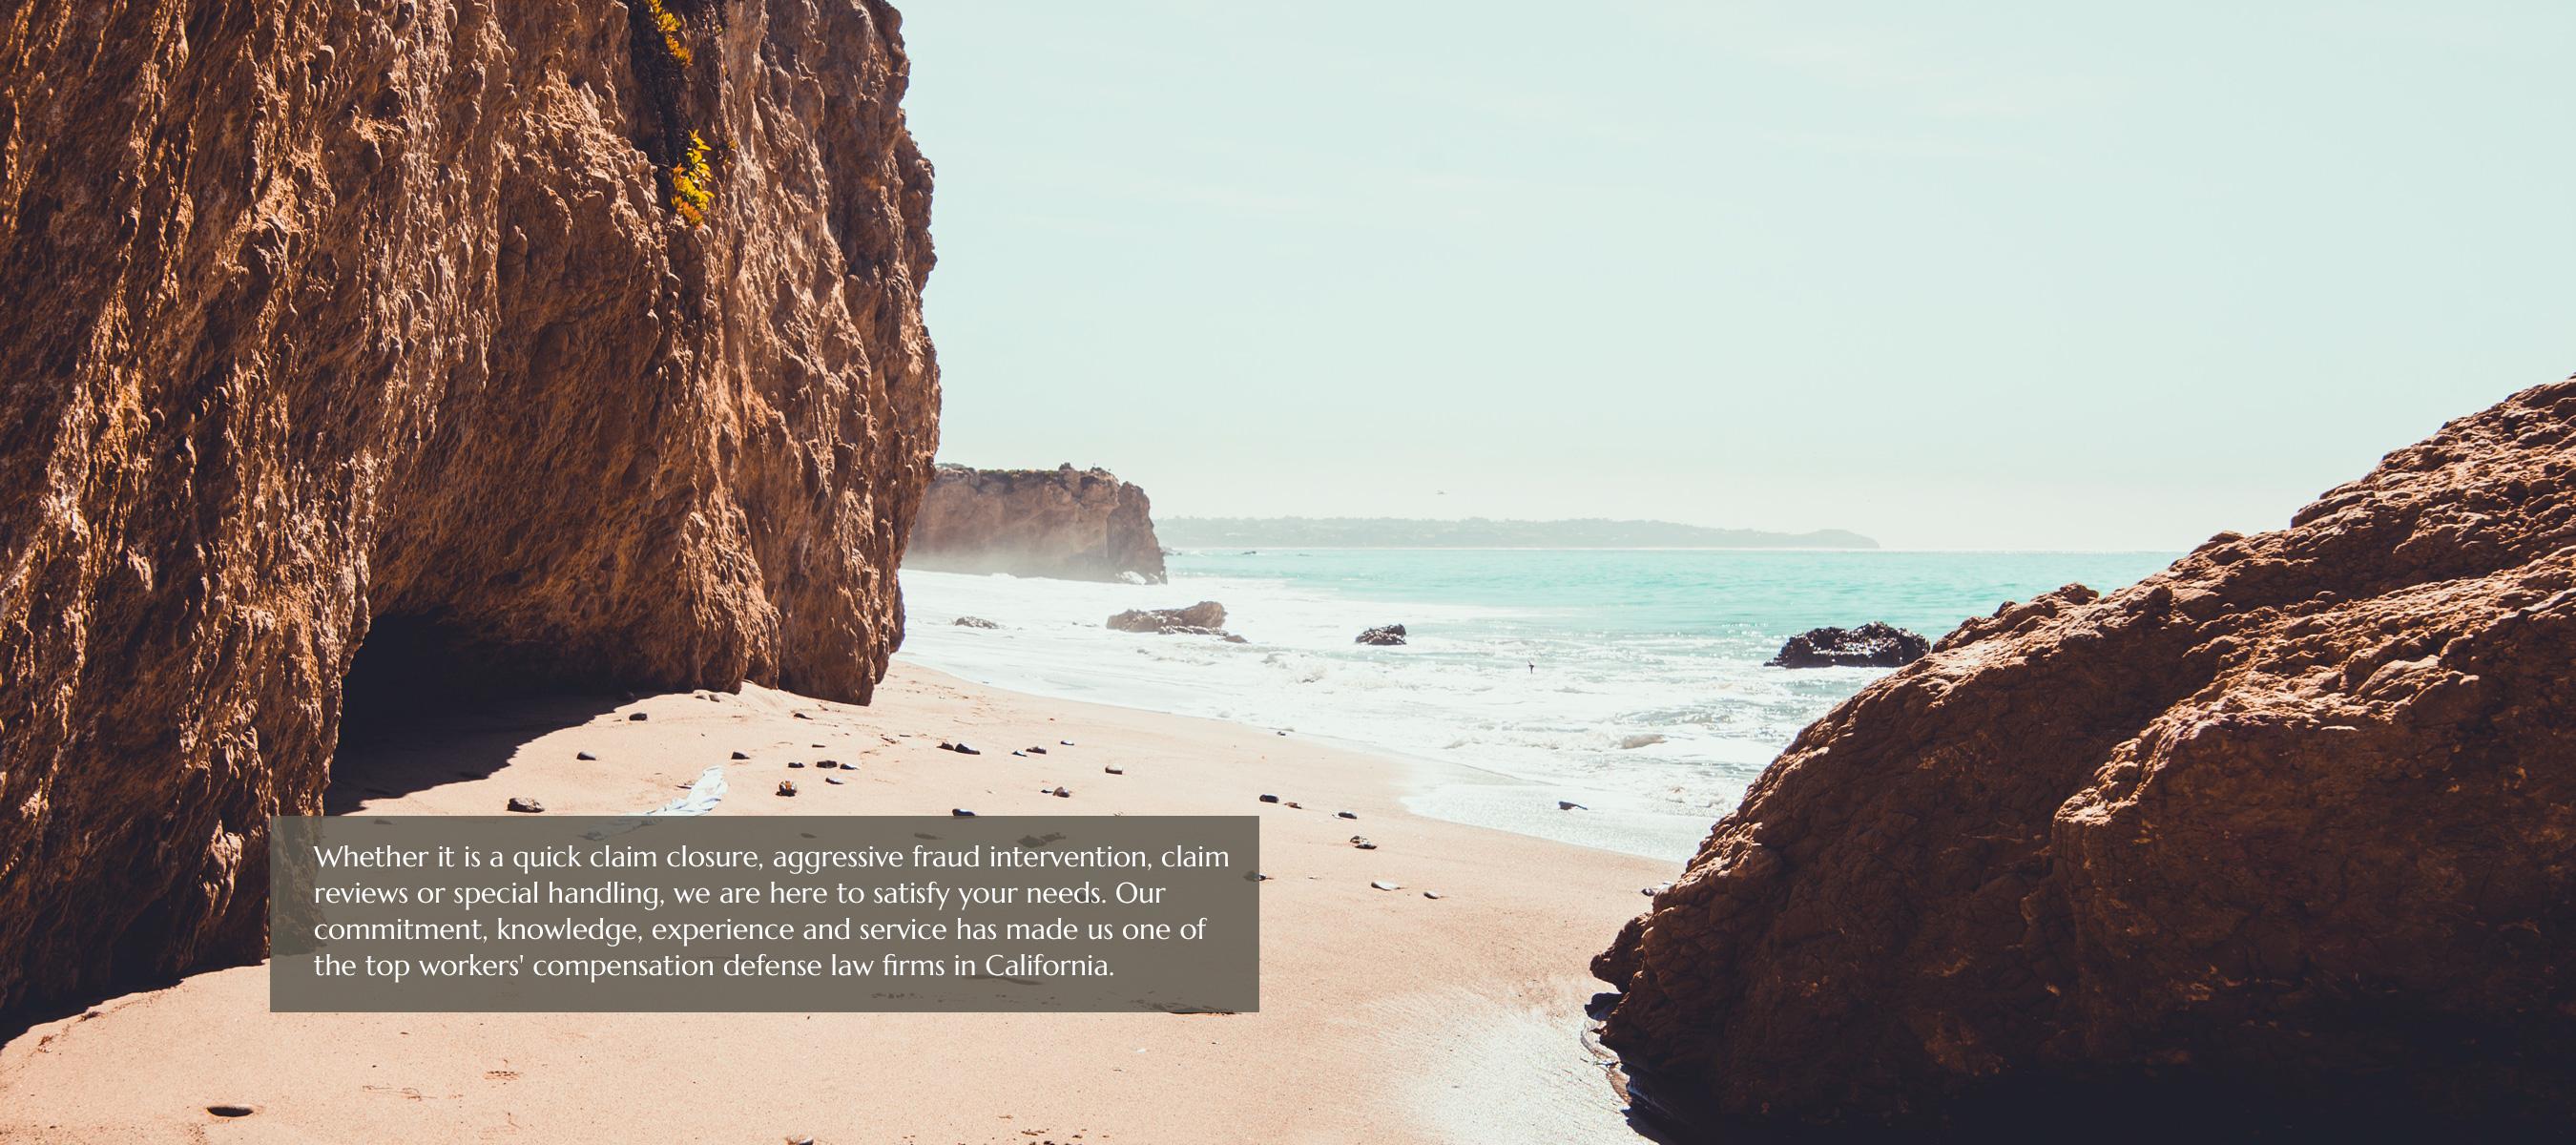 s&u_homepage_beach